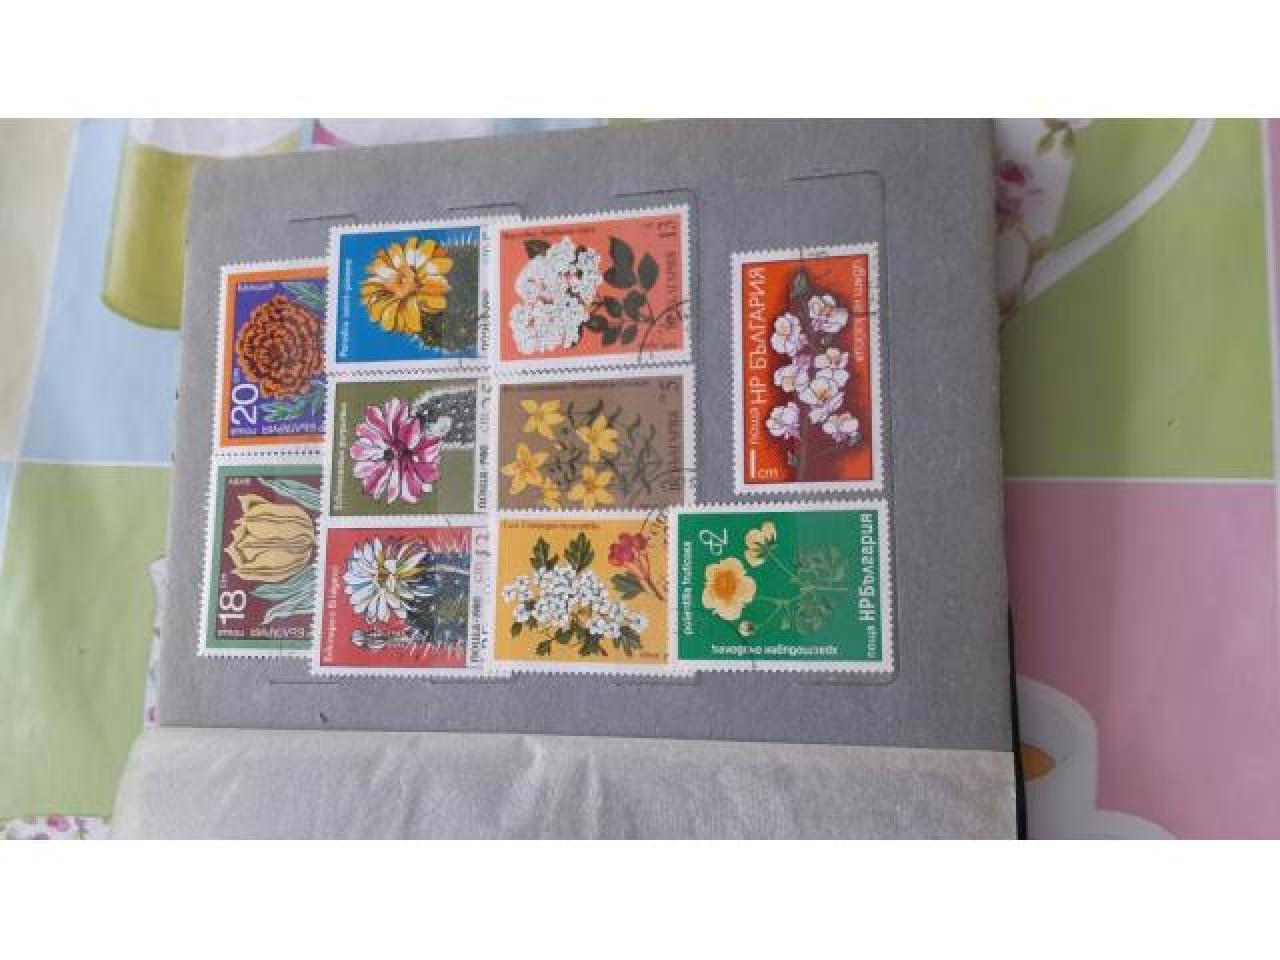 коллекция марок - 2